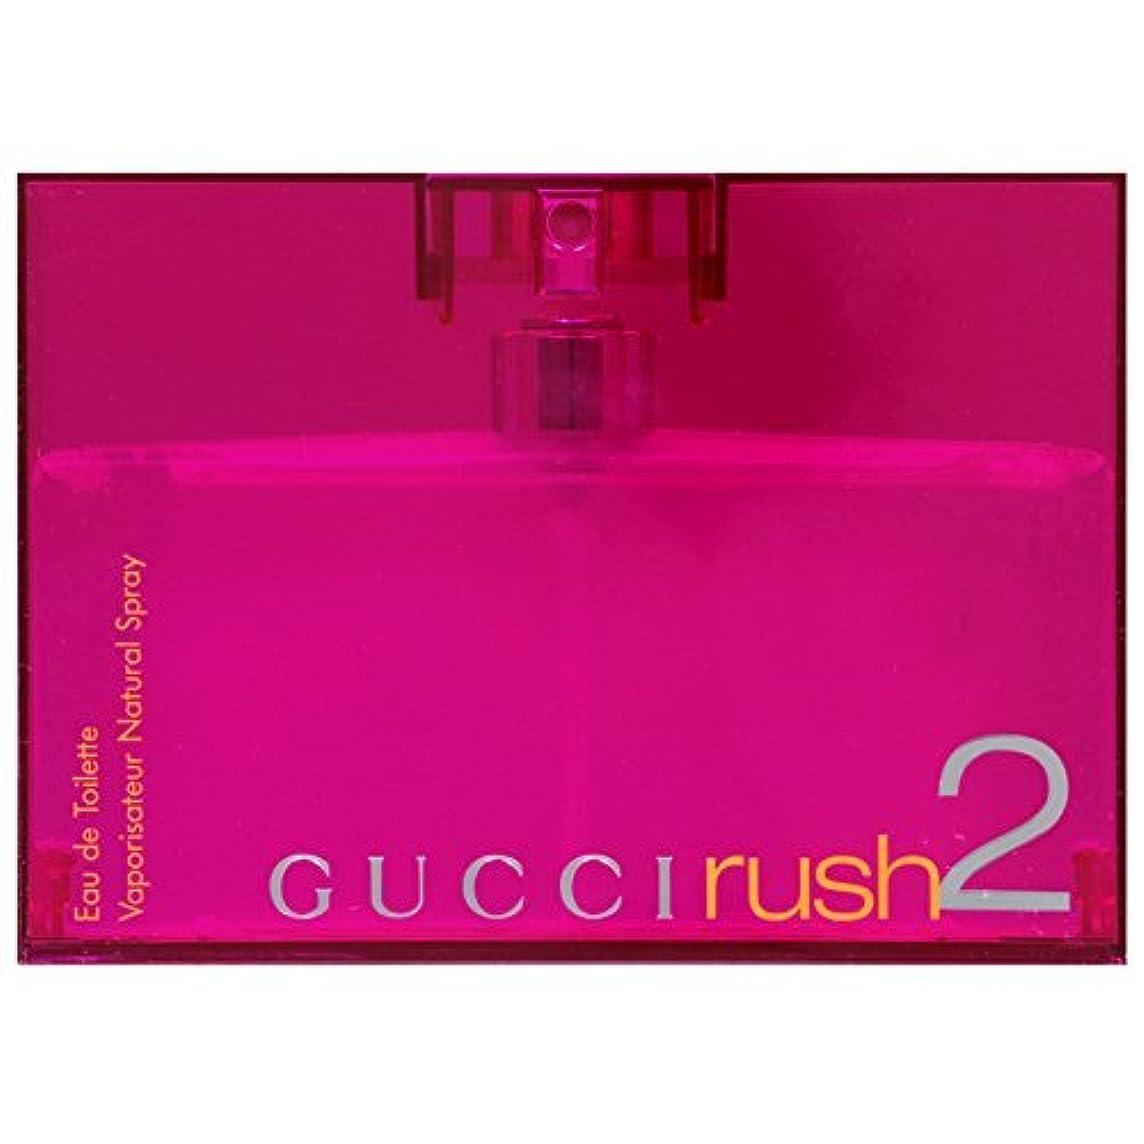 落ち込んでいるおとなしい懇願するグッチ ラッシュ2オードトワレスプレーEDT30ml GUCCI RUSH2 EDT